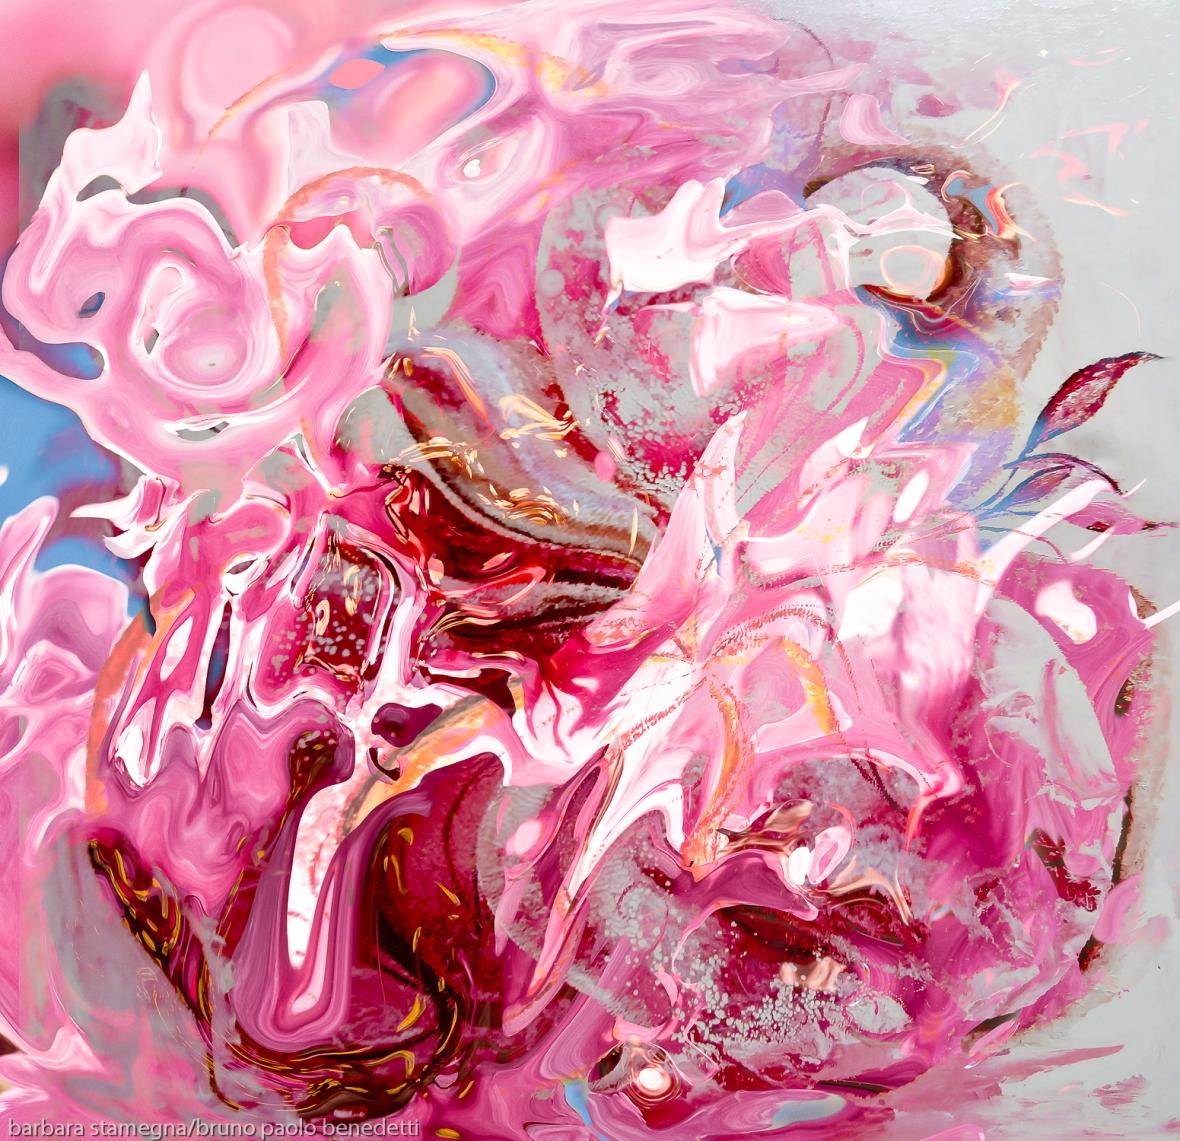 fotografia digitale e di pittura fuse in unica immagine di colore rosa